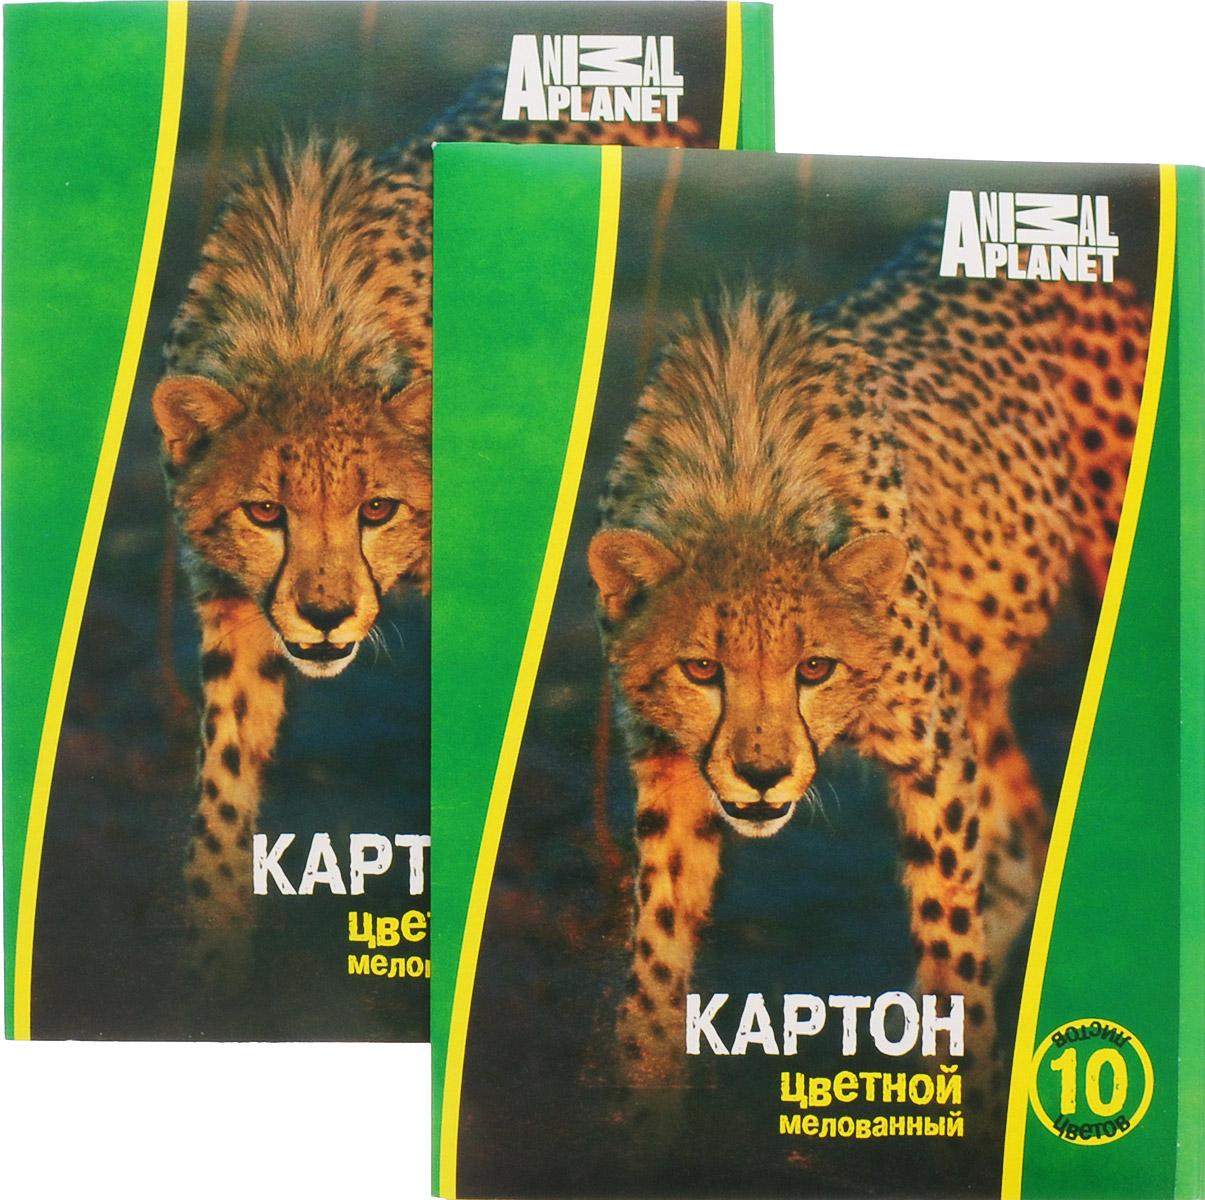 Action! Набор цветного мелованного картона Animal Planet 2 штAP-CC-10/10-2Набор цветного мелованного картона Action! Animal Planet позволит создавать всевозможные аппликации и поделки. Набор включает две упаковки одностороннего цветного картона, в каждой 10 листов формата А4 следующих цветов: желтого, зеленого, красного, оранжевого, белого, черного, коричневого, синего, золотистого и серебристого. Каждый из наборов упакован в картонную папку с изображением животного либо птицы.Создание поделок из цветного картона позволяет ребенку развивать творческие способности, кроме того, это увлекательный досуг.